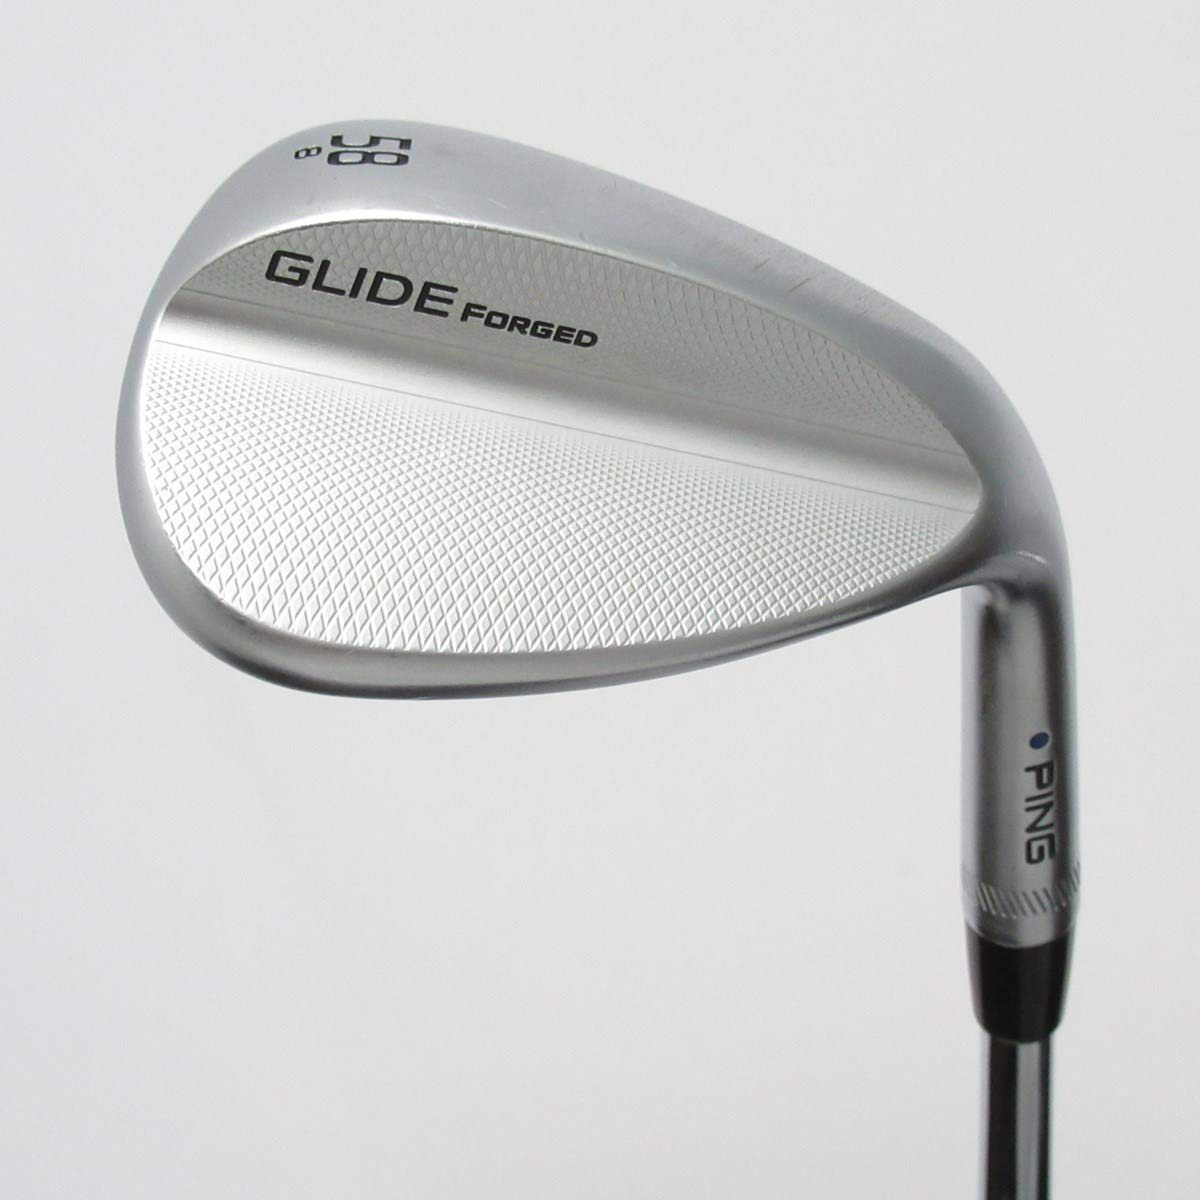 【中古】ピン GLIDE GLIDE FORGED ウェッジ Dynamic Gold 120 【58-08】 B07RMHKL95  /S200